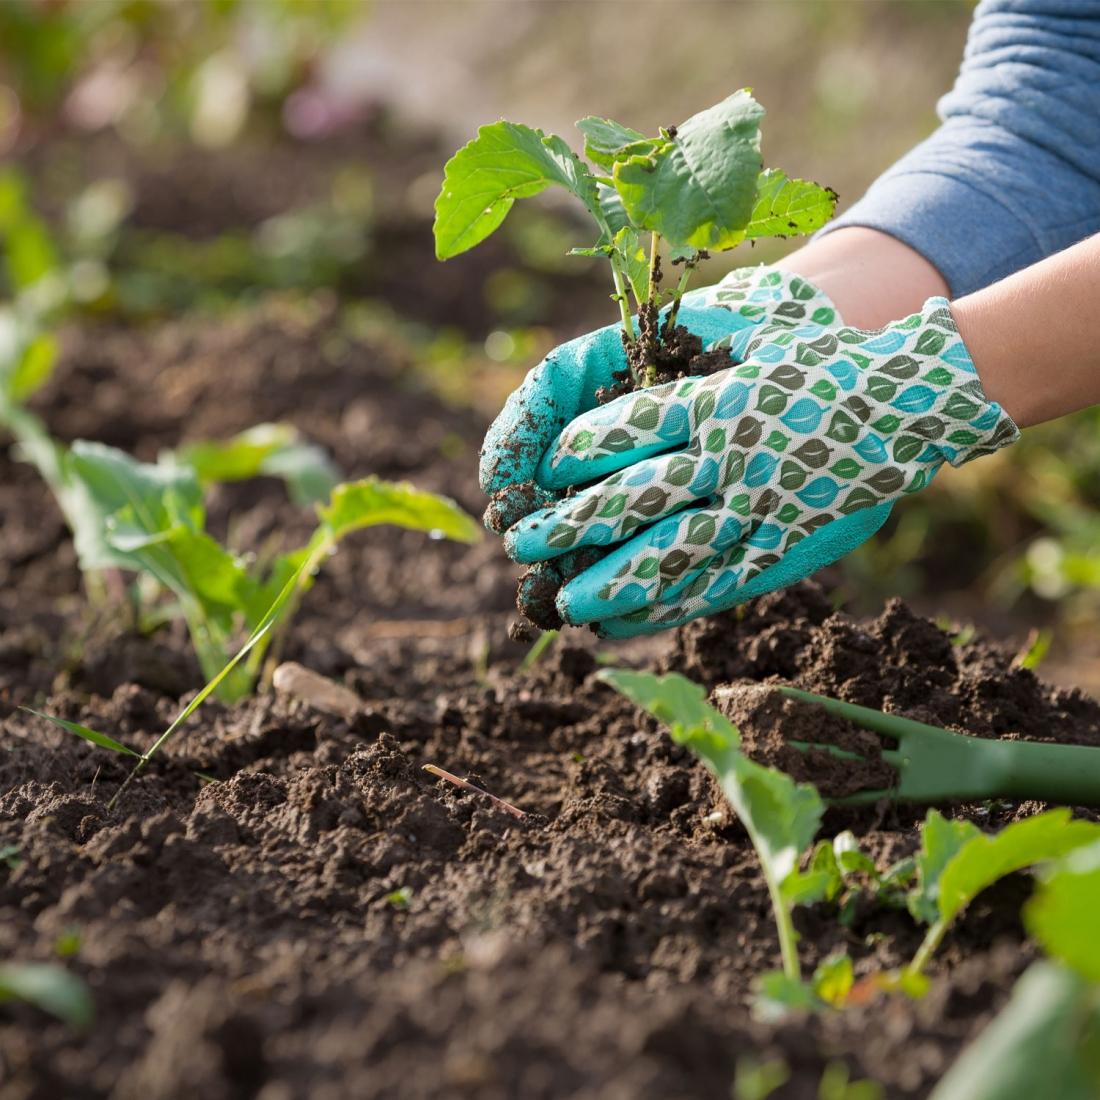 Fiori Da Piantare Nell Orto mantenere in salute l'orto in estate, 5 pratici consigli